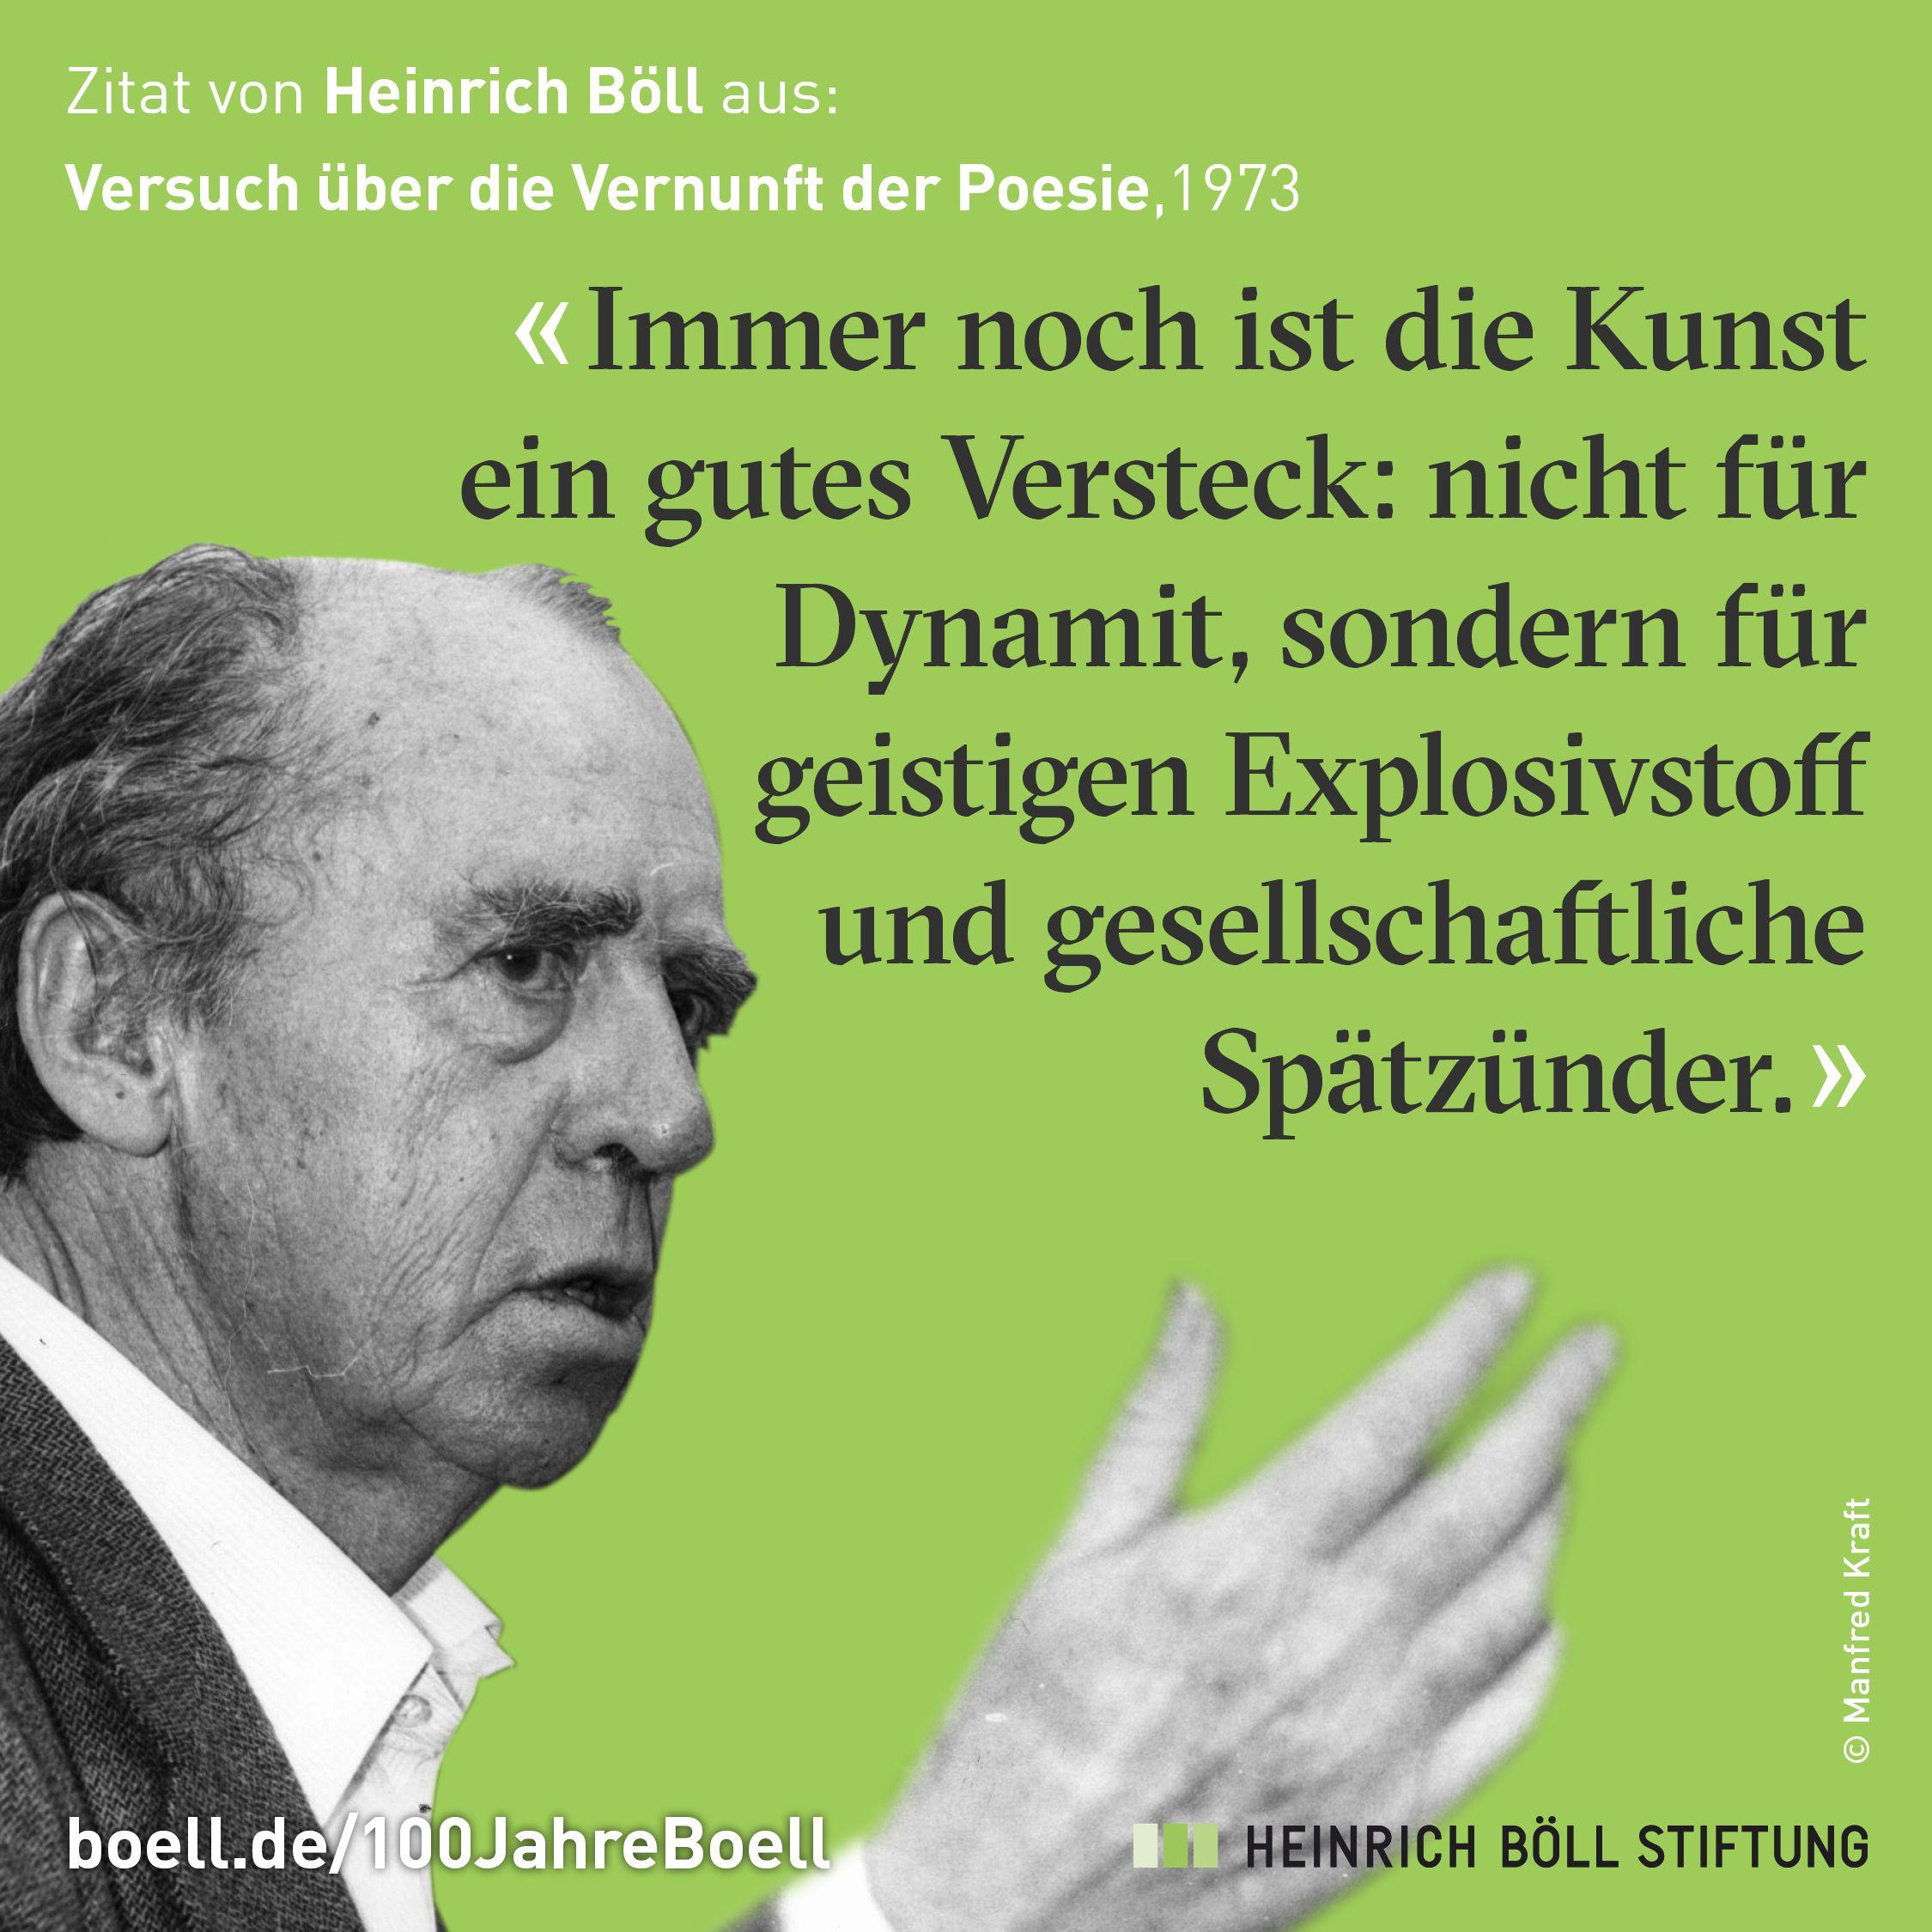 100 jahre heinrich bll t - Heinrich Bll Lebenslauf